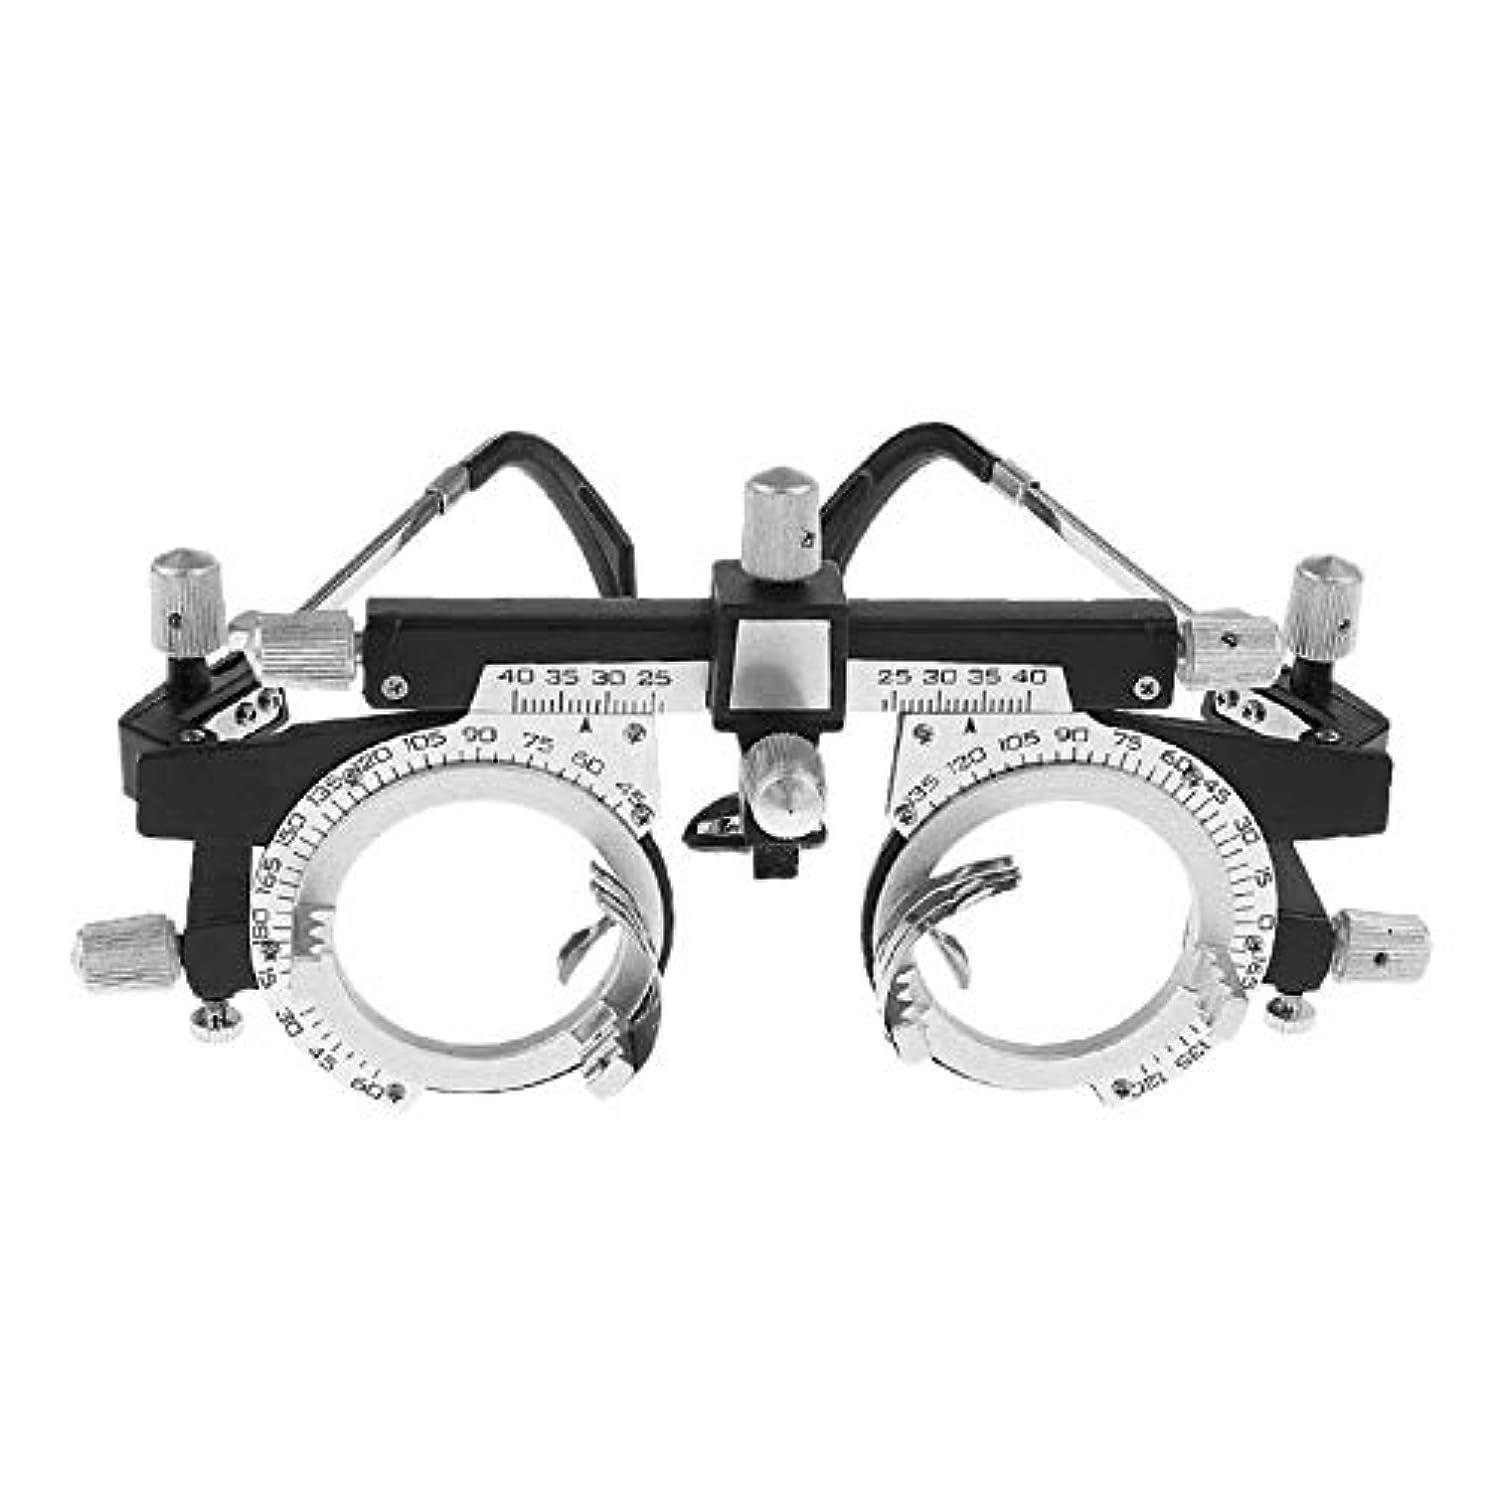 君主アルファベット順以前は調節可能なプロフェッショナルアイウェア検眼メタルフレーム光学オプティクストライアルレンズメタルフレームPDメガネアクセサリー(Color:silver&black)